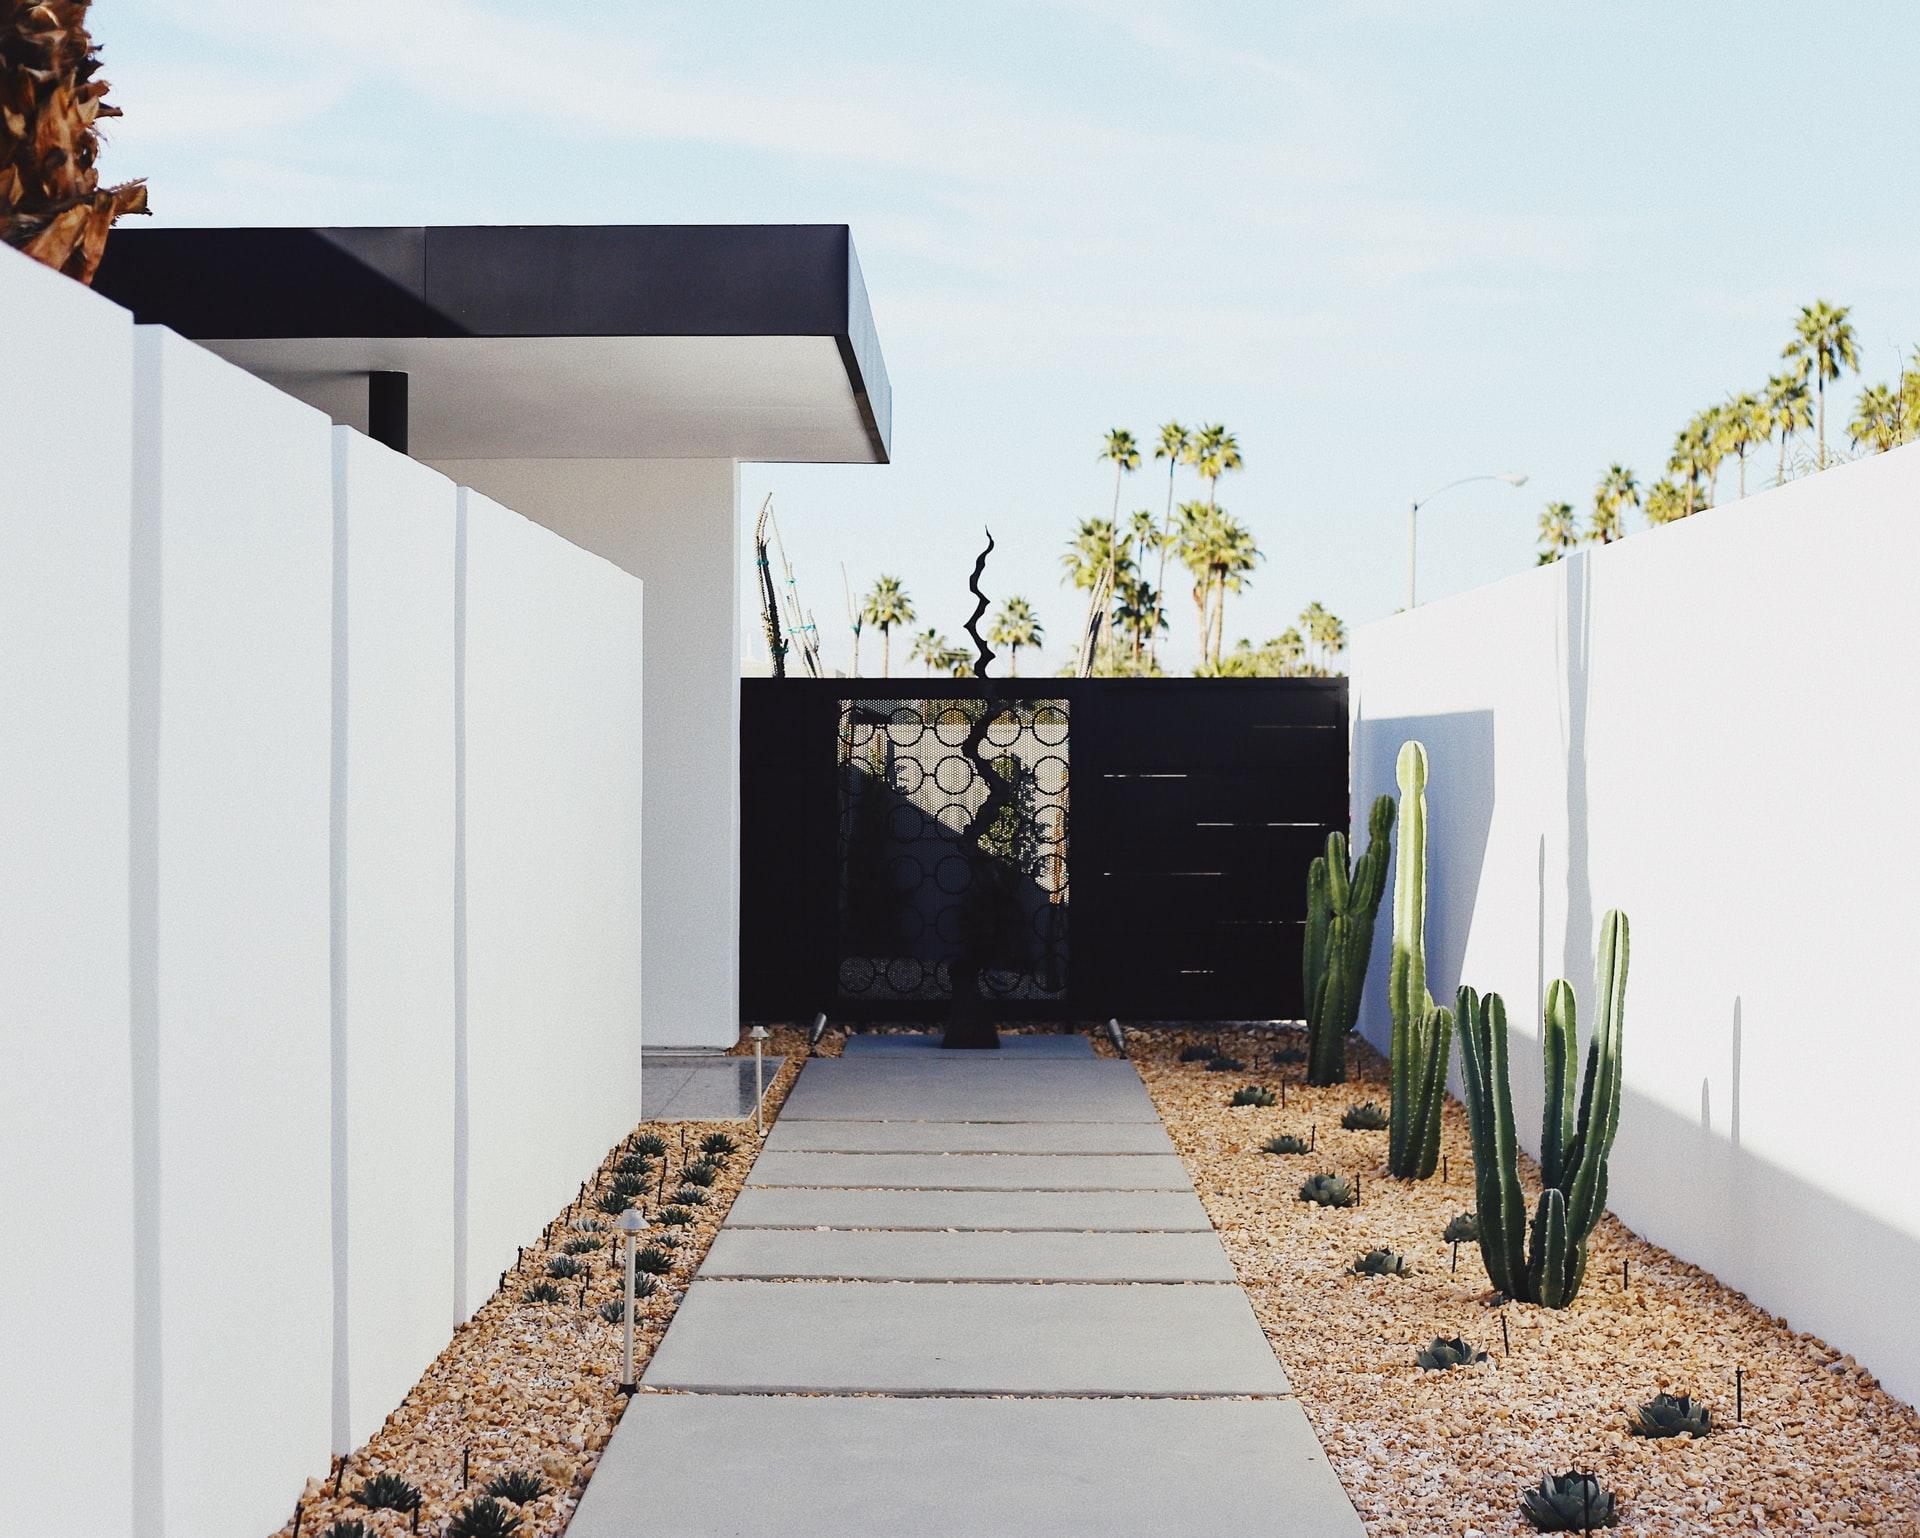 maison blanche avec marche jusqu'au portail avec cactus